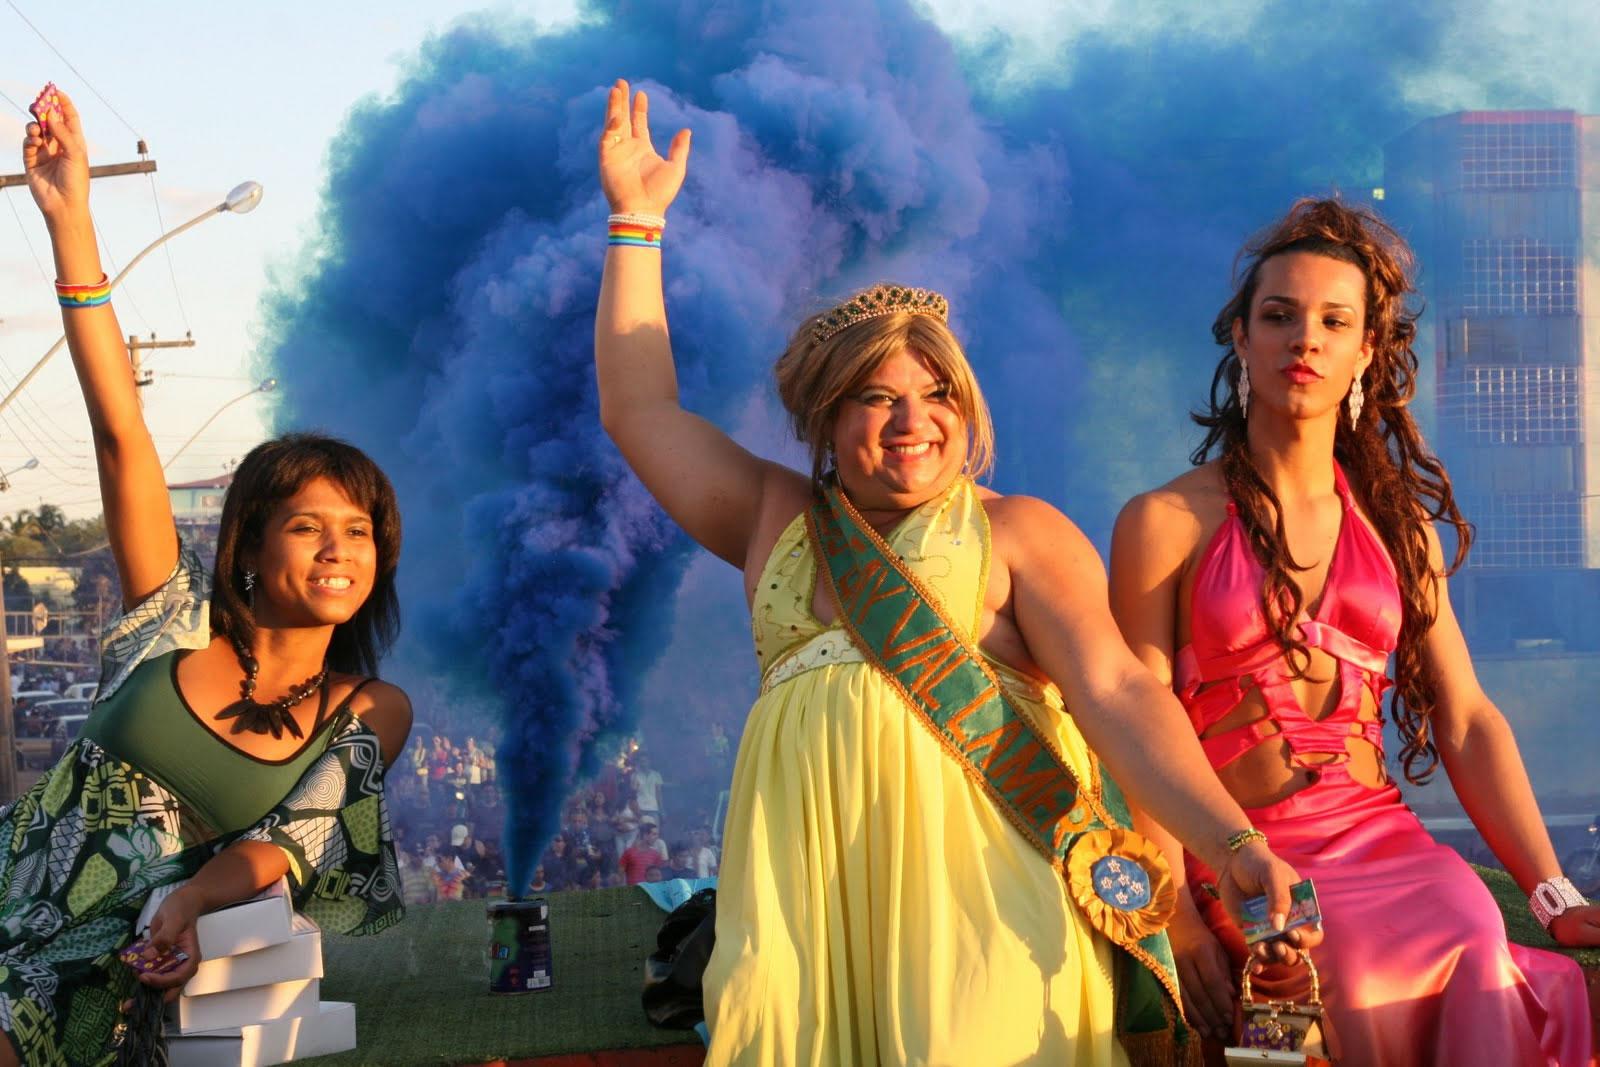 Em 2011, Parada do Orgulho LGBT de Caldas Novas reuniu cerca de 8 mil pessoas (Foto: Divulgação)